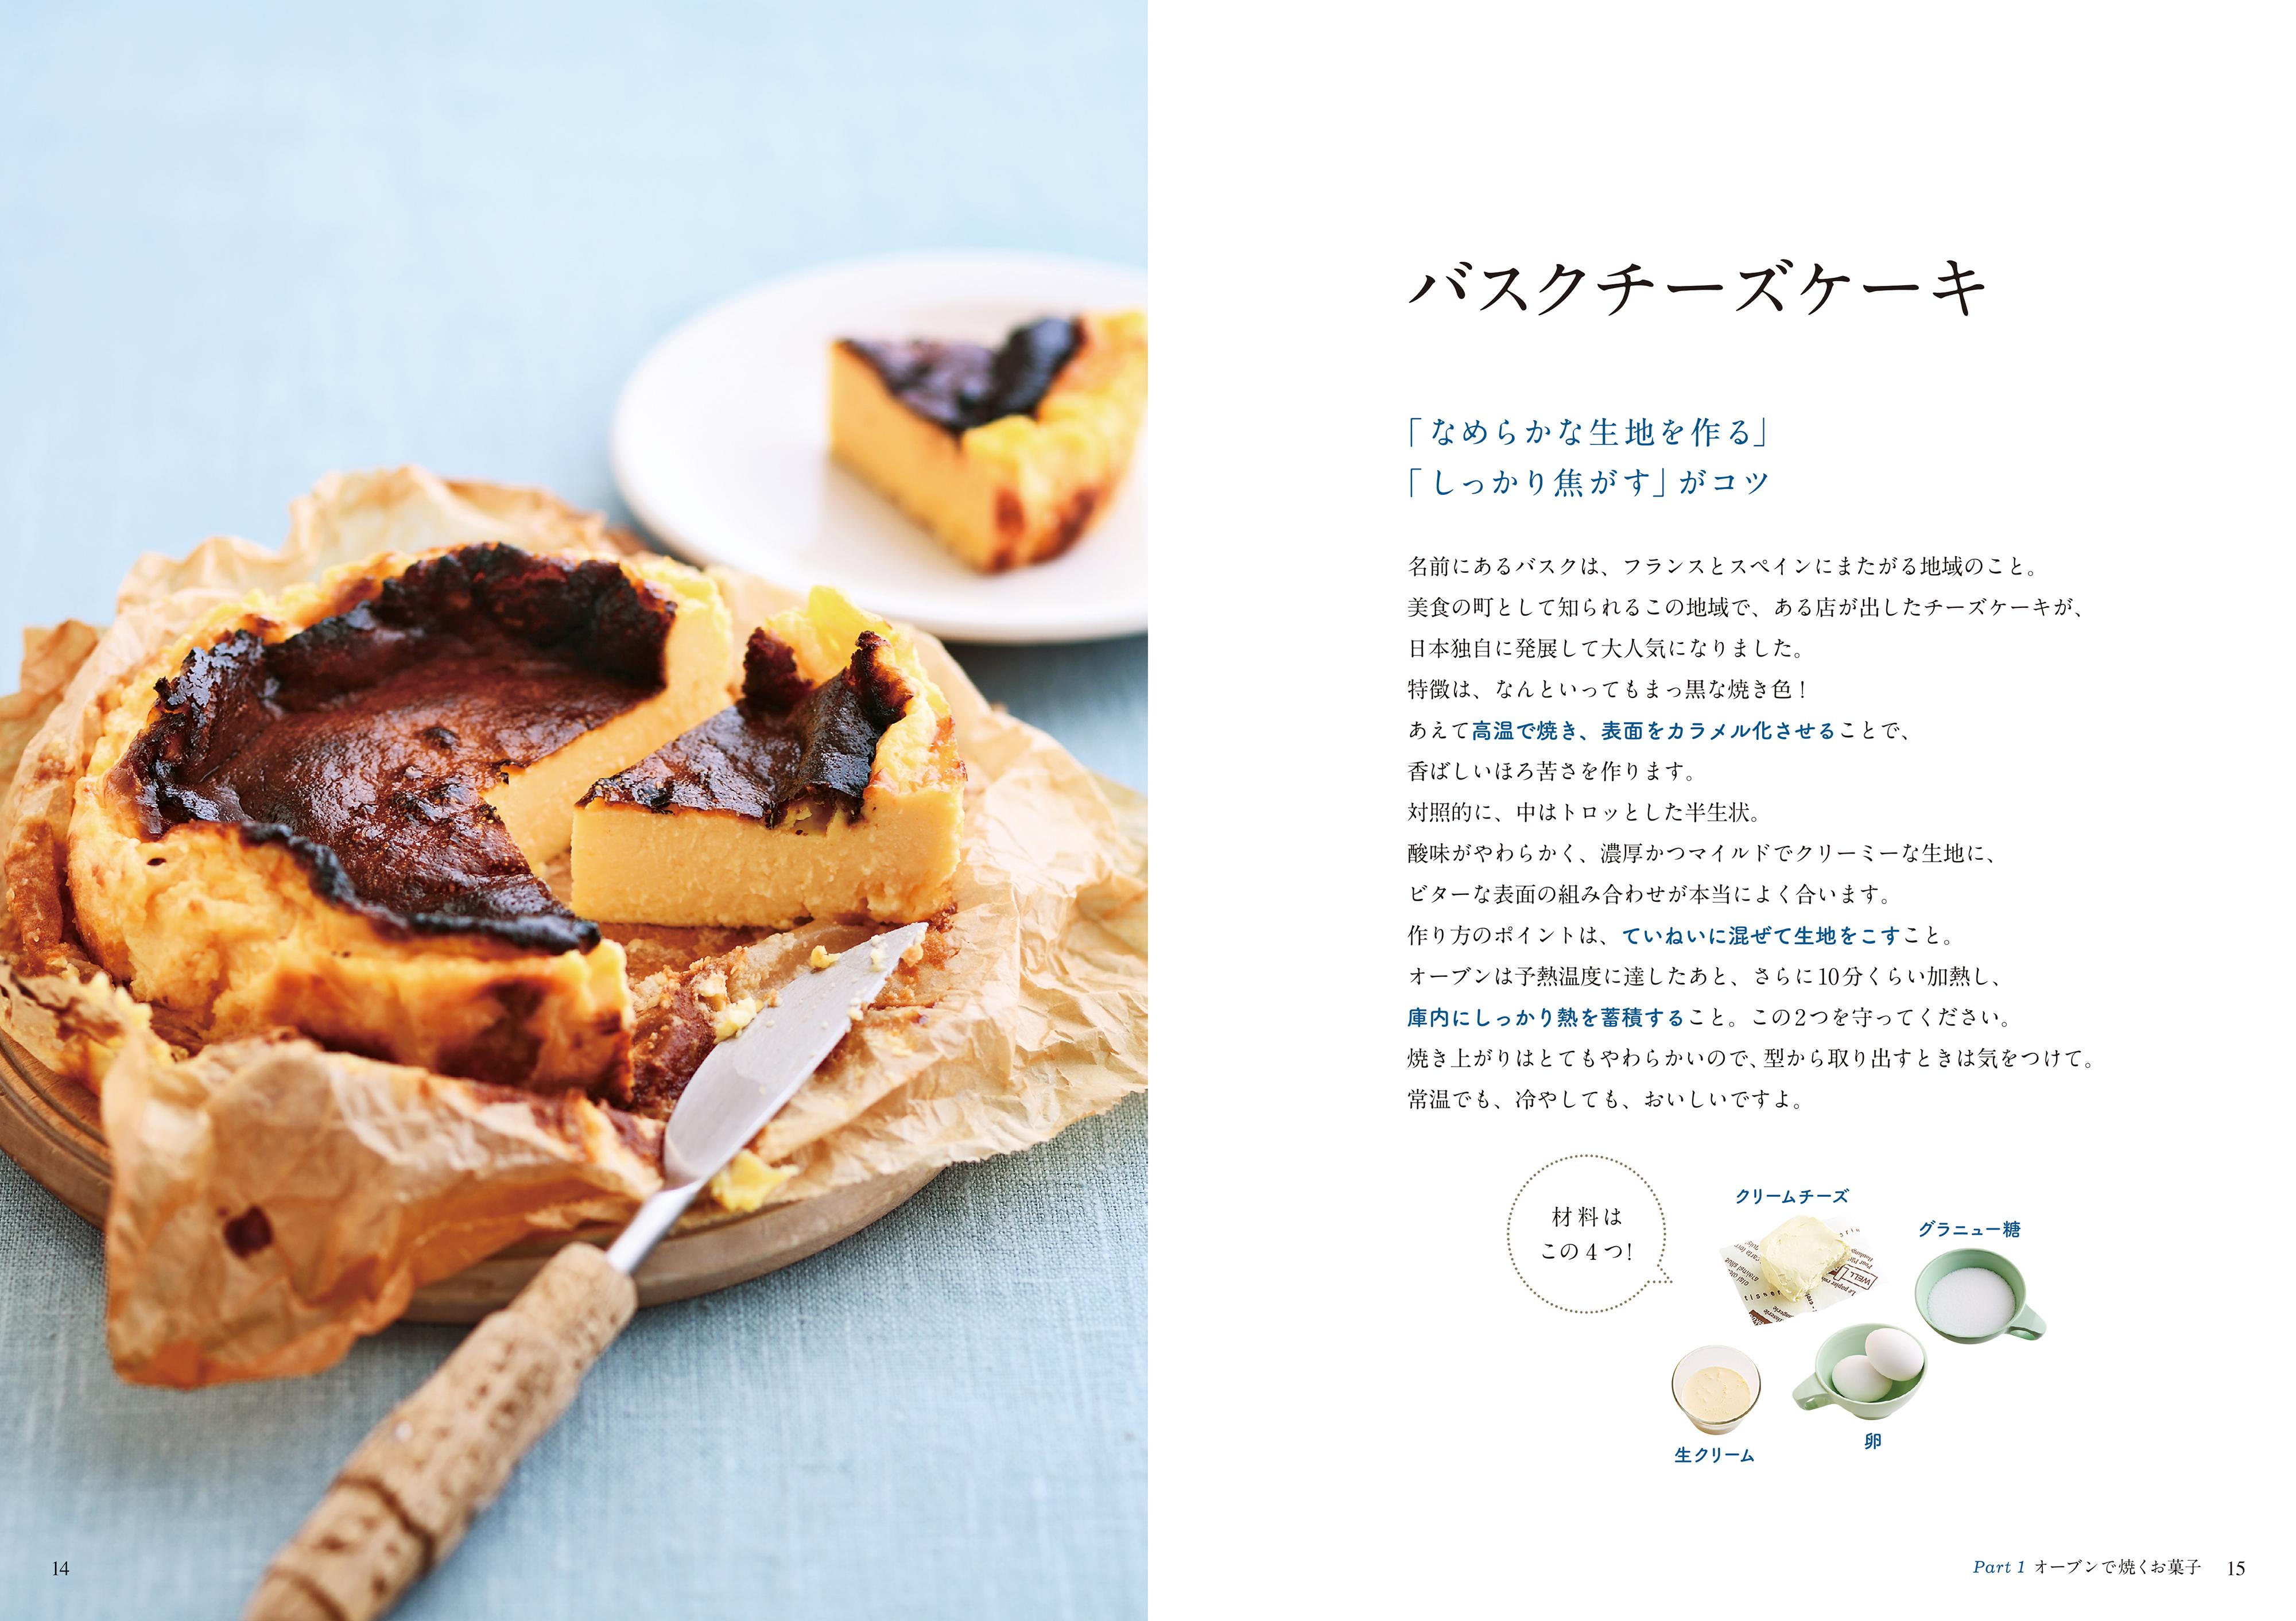 「バスクチーズケーキ」紙面